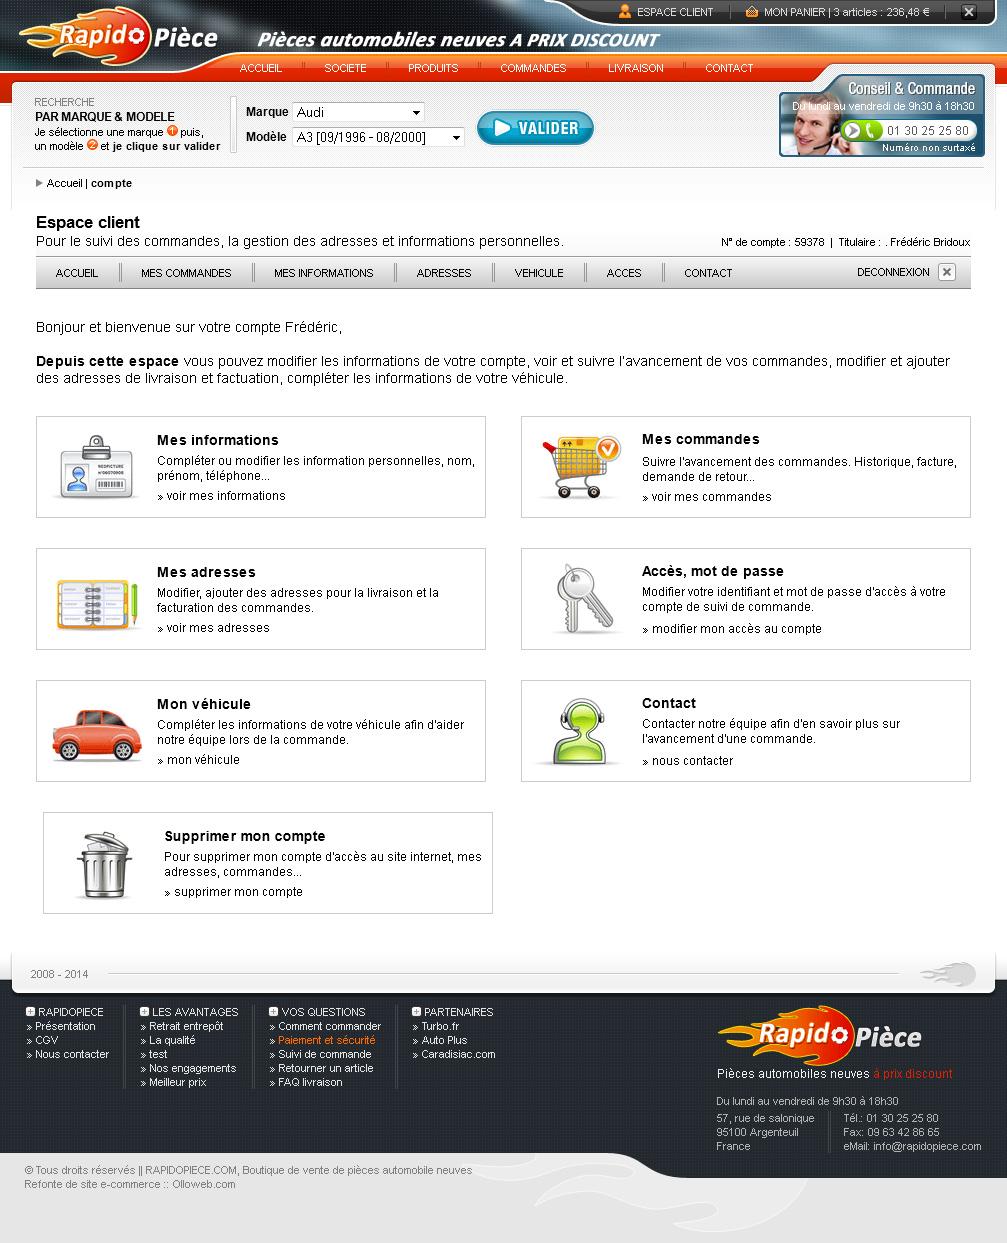 Conception de l'espace client du site e-commerce